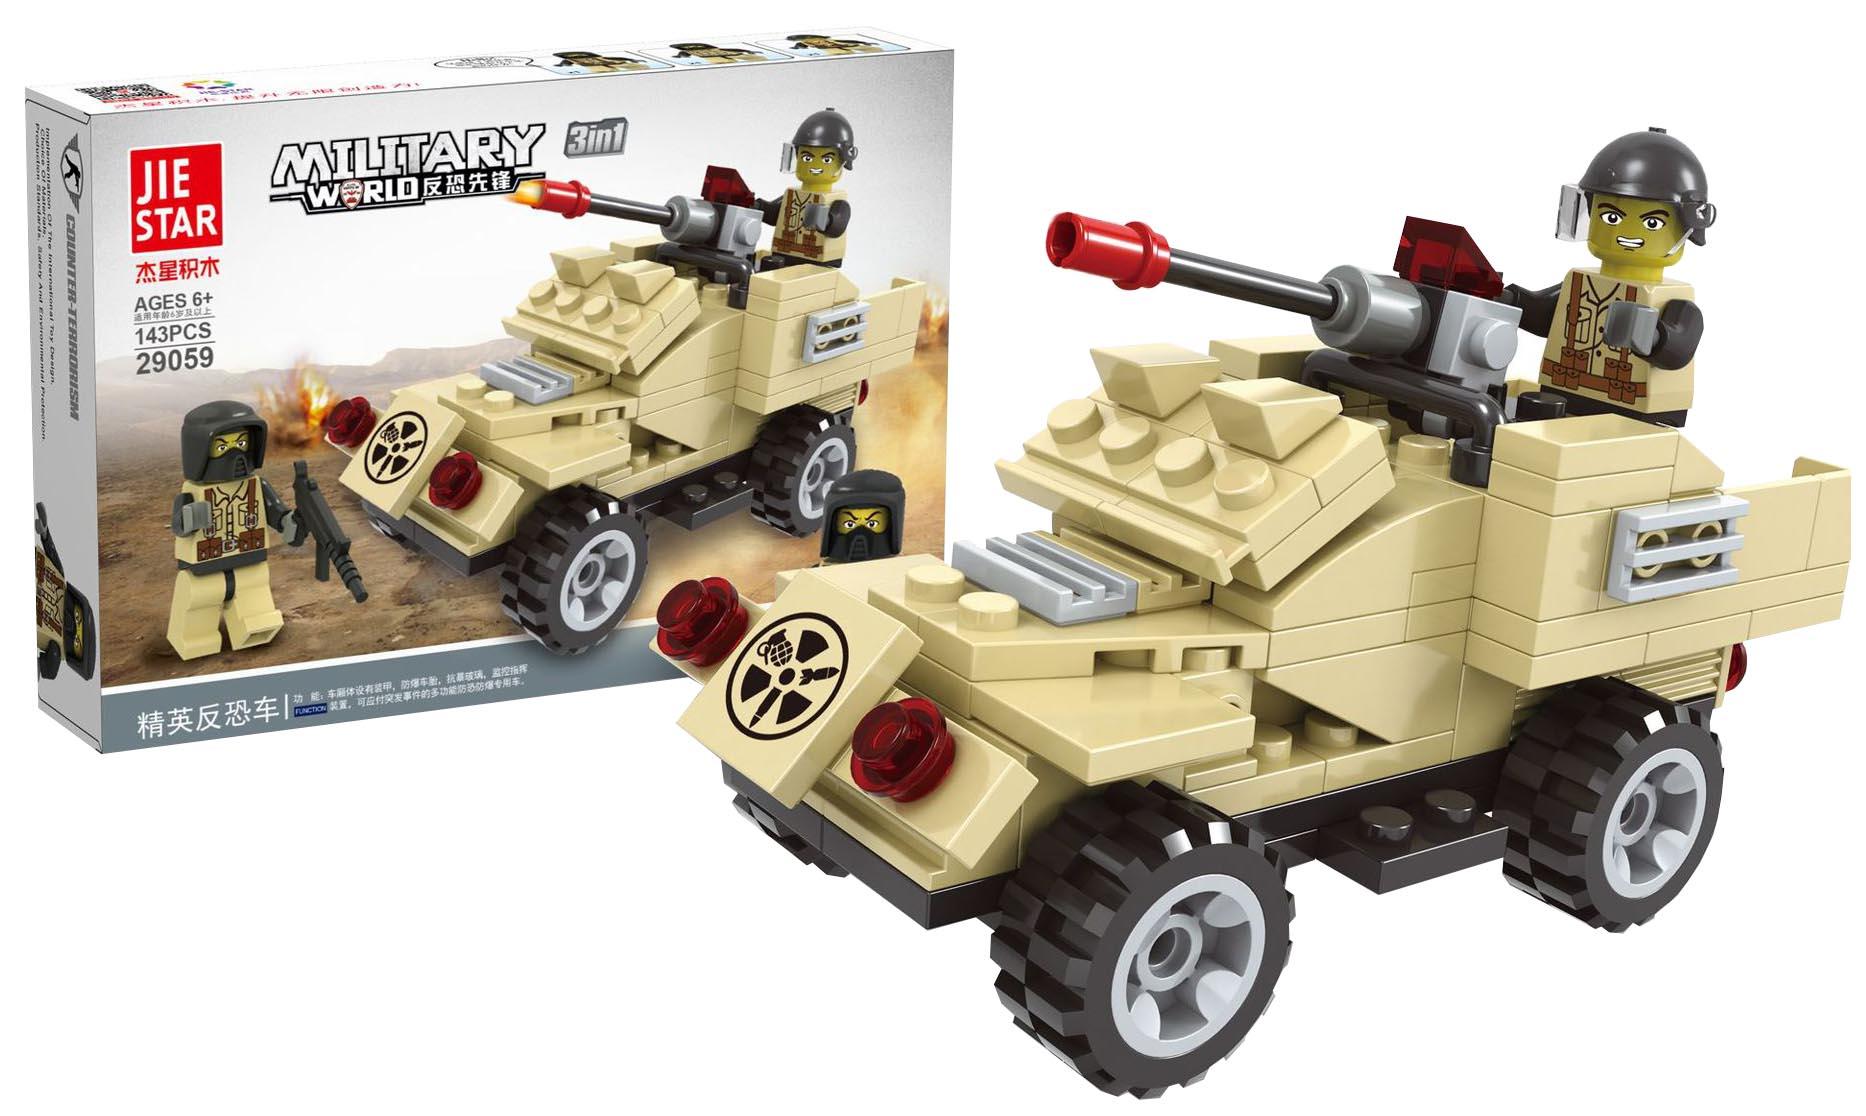 Купить Конструктор пластиковый Jie Star Military World Военный джип с пушкой, 143 детали, Конструкторы пластмассовые